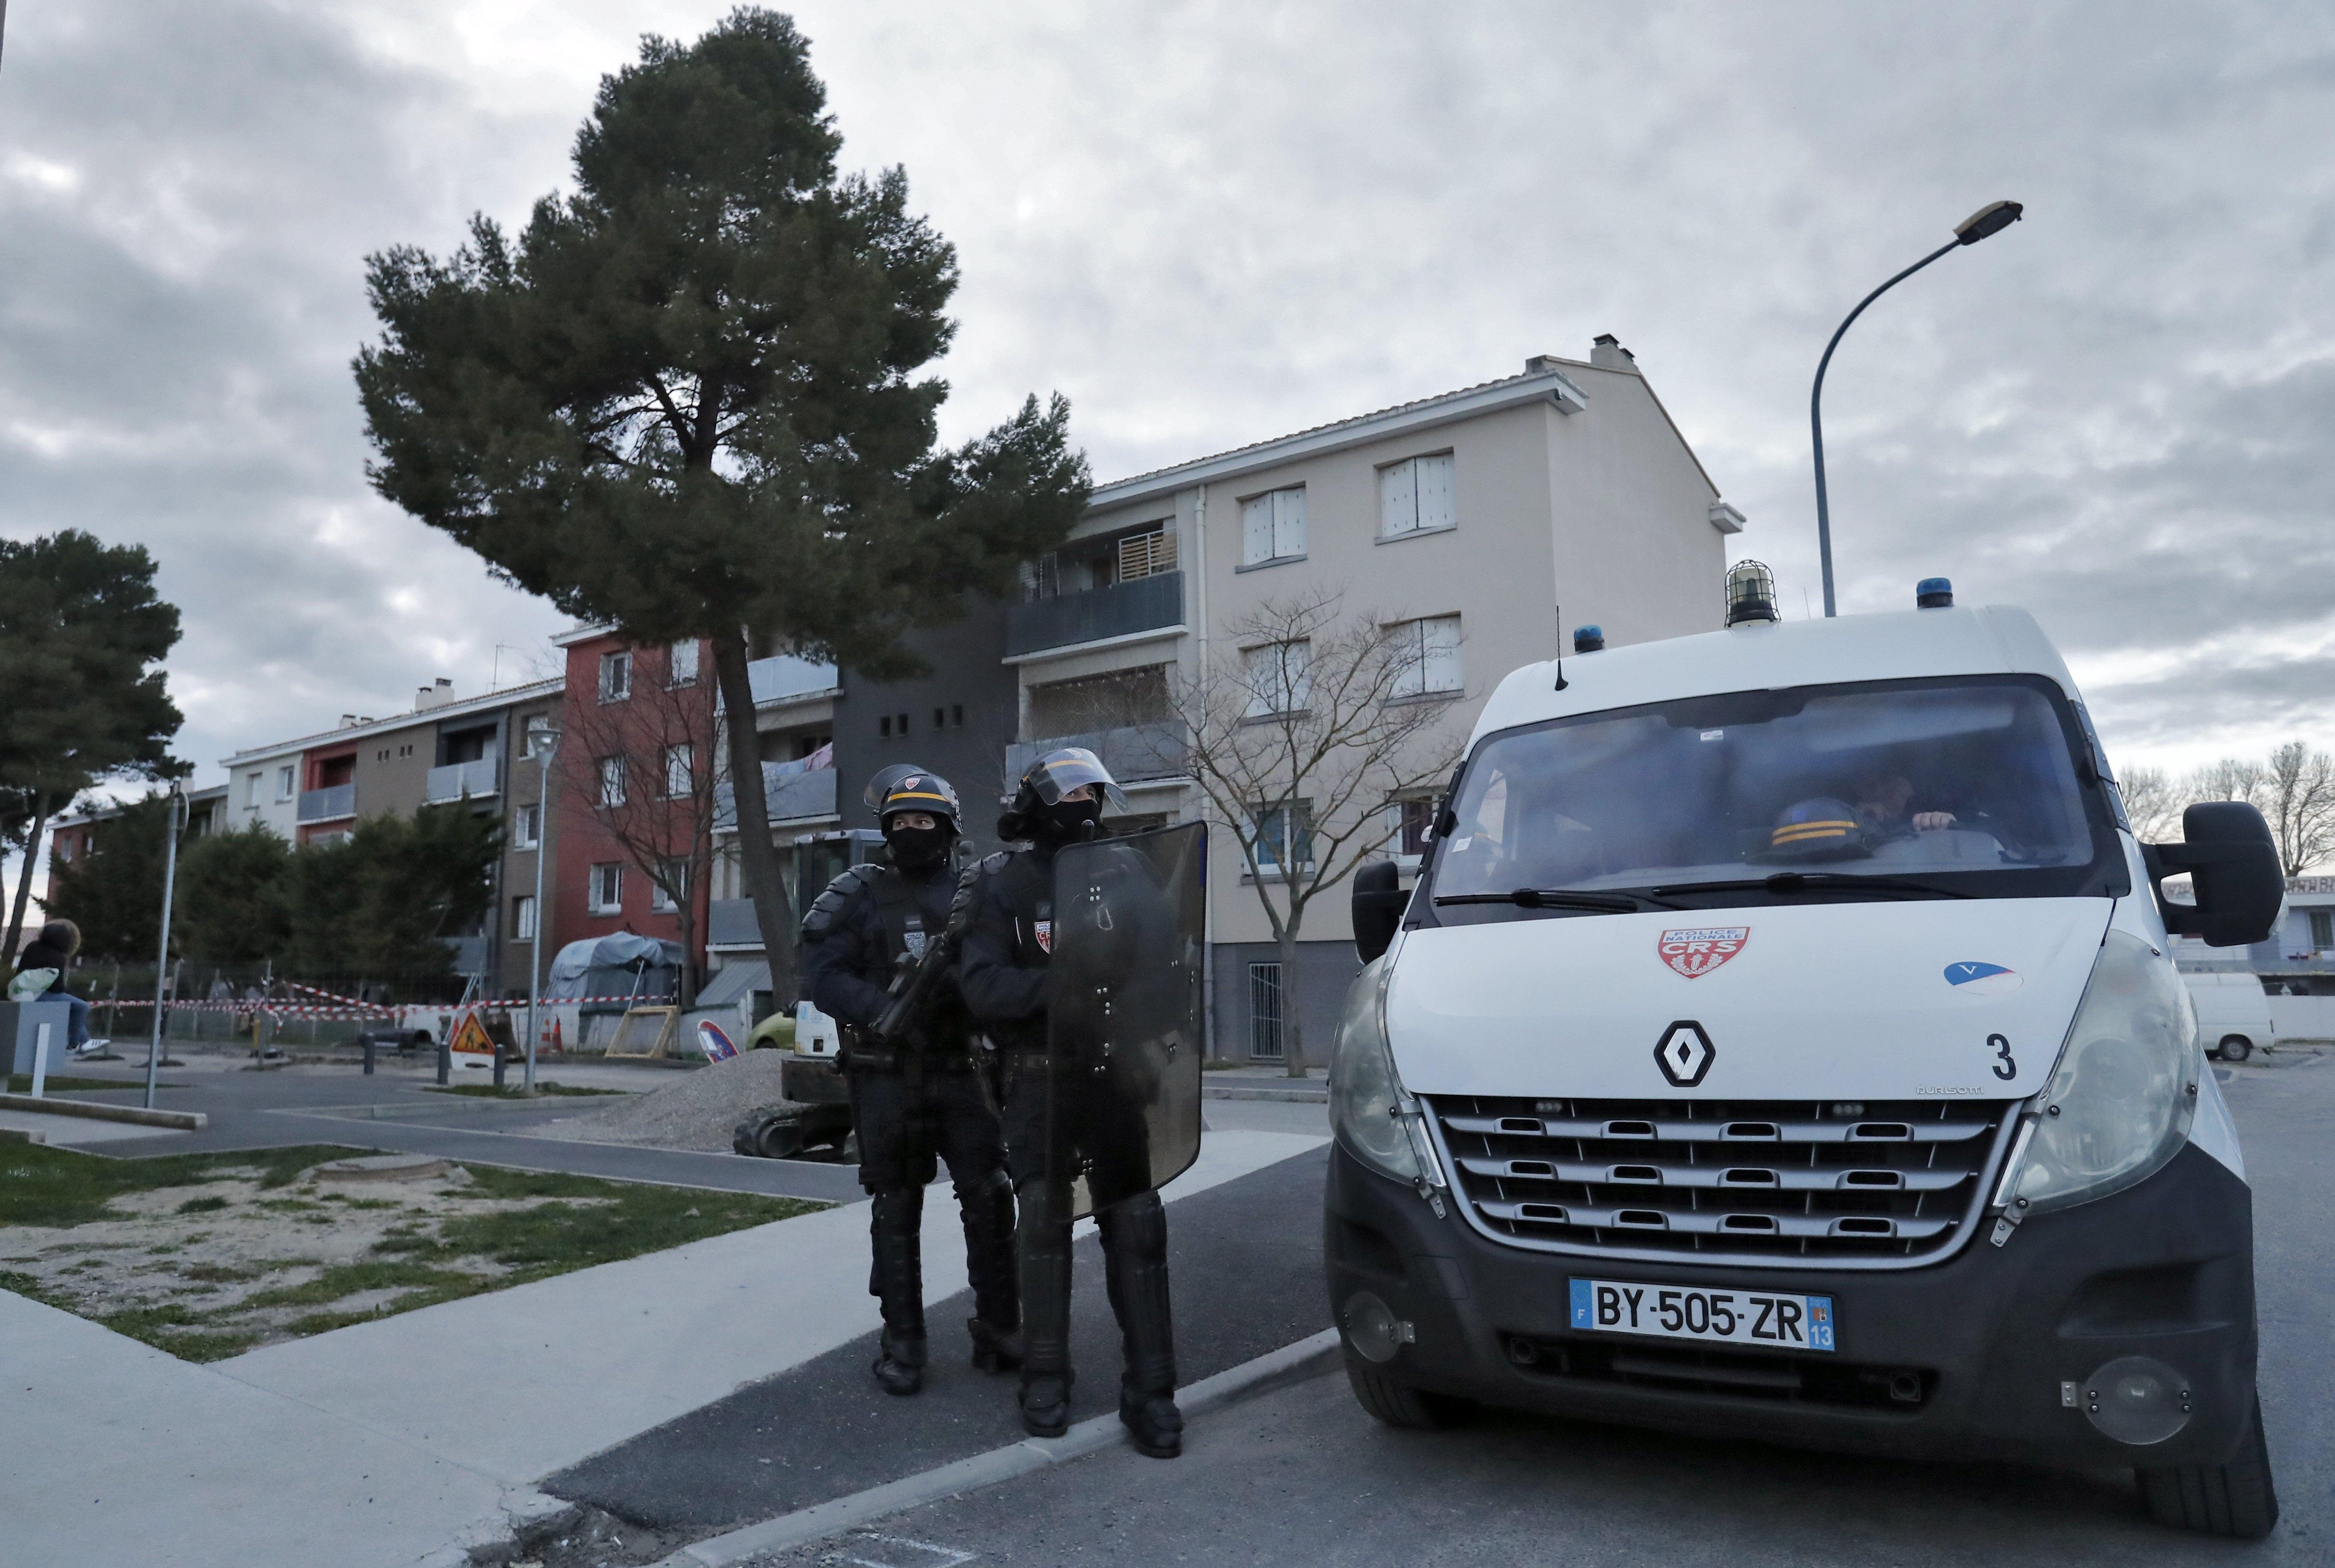 Žena u Francuskoj uz povike 'Alahu akbar' nožem ozlijedila dvije osobe